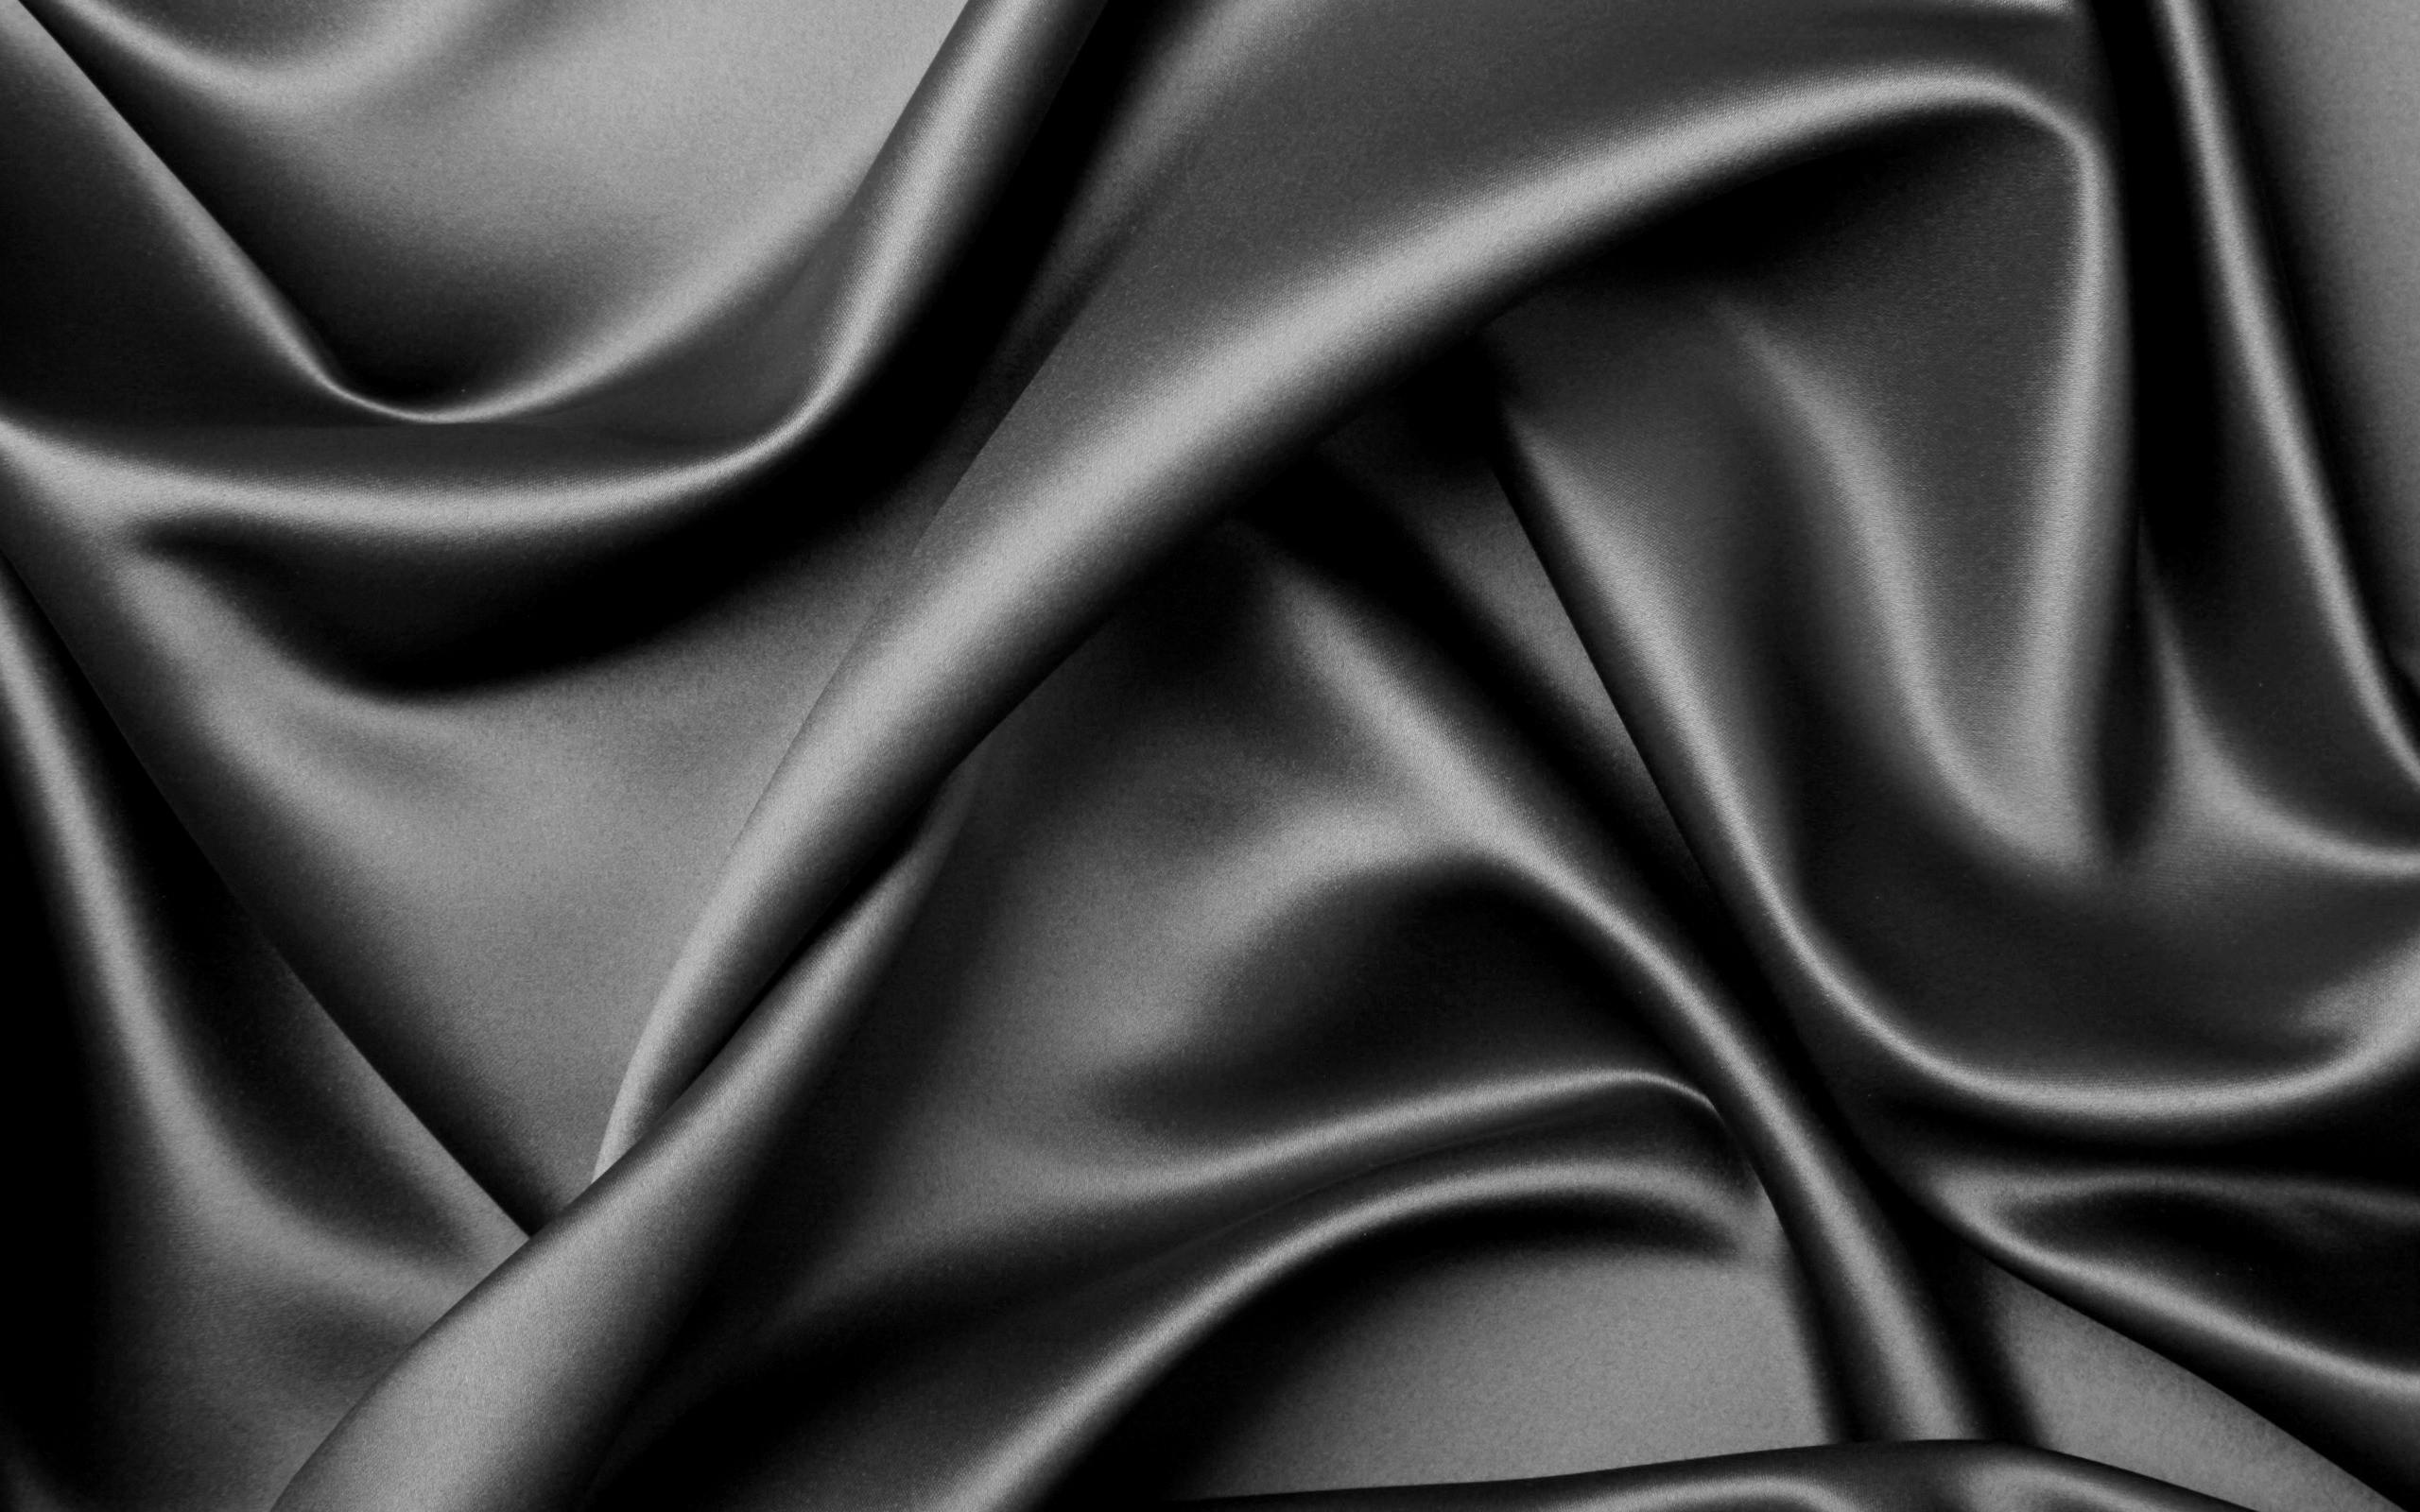 Textura de tela negra - 2560x1600